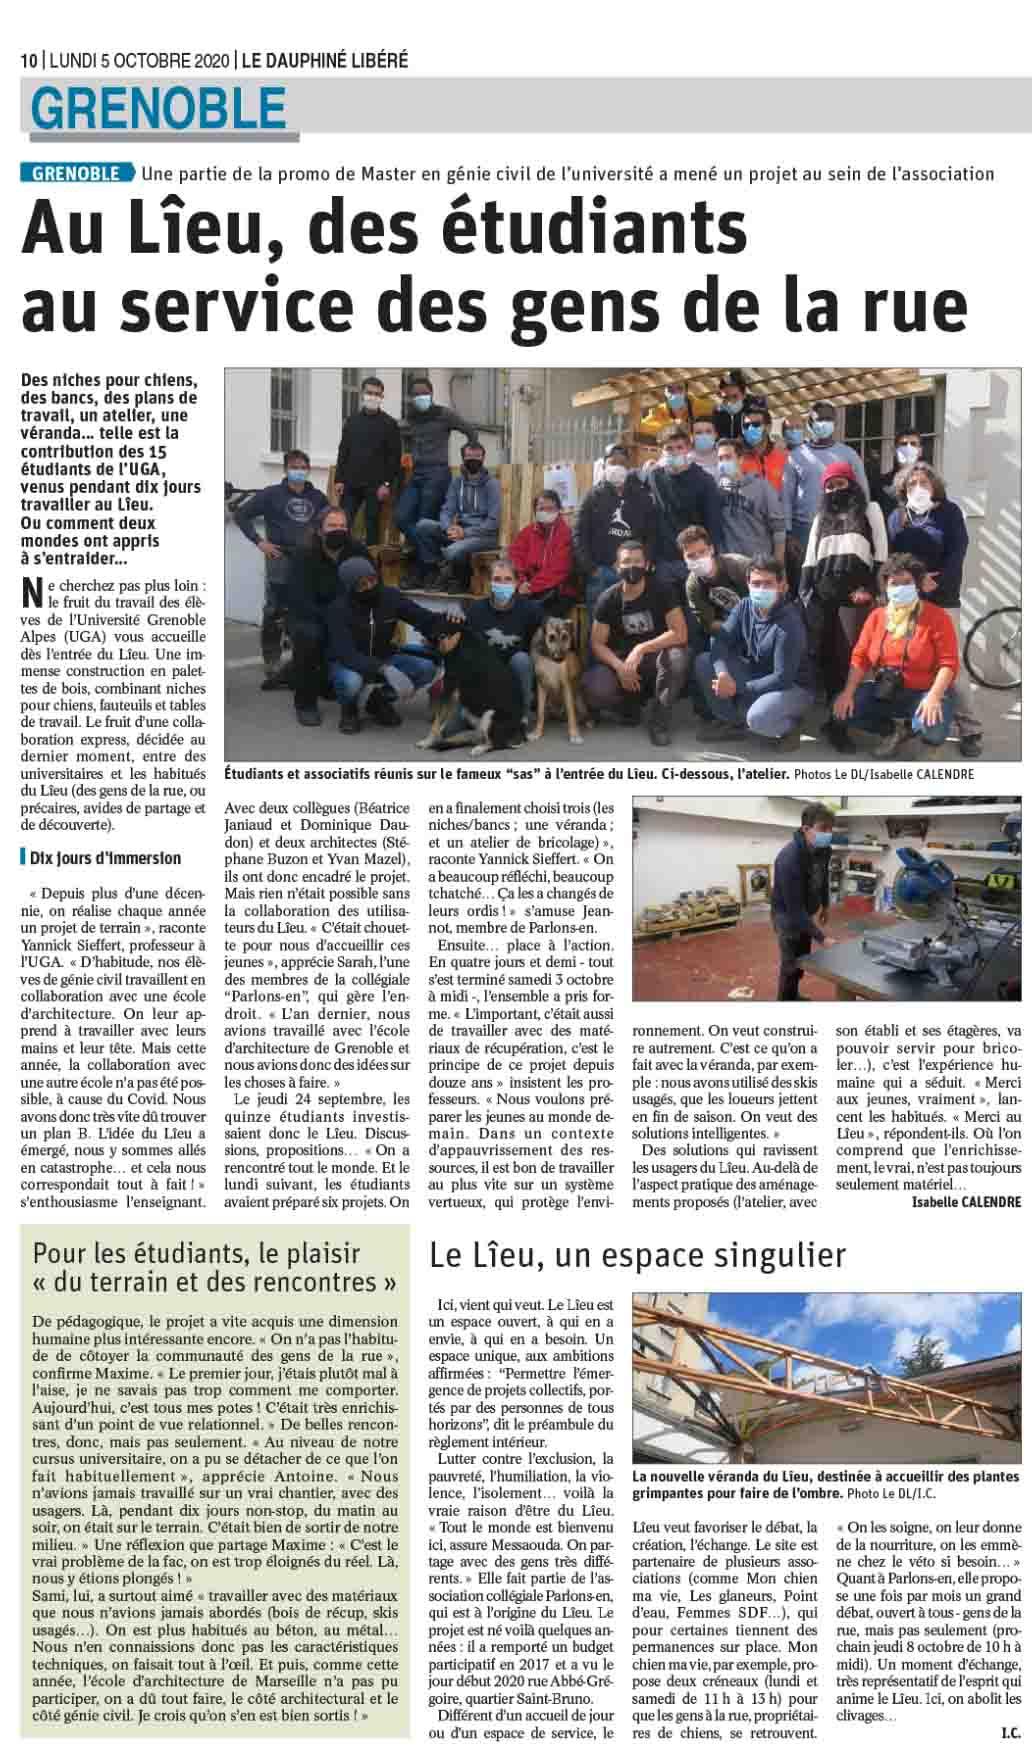 Article DL